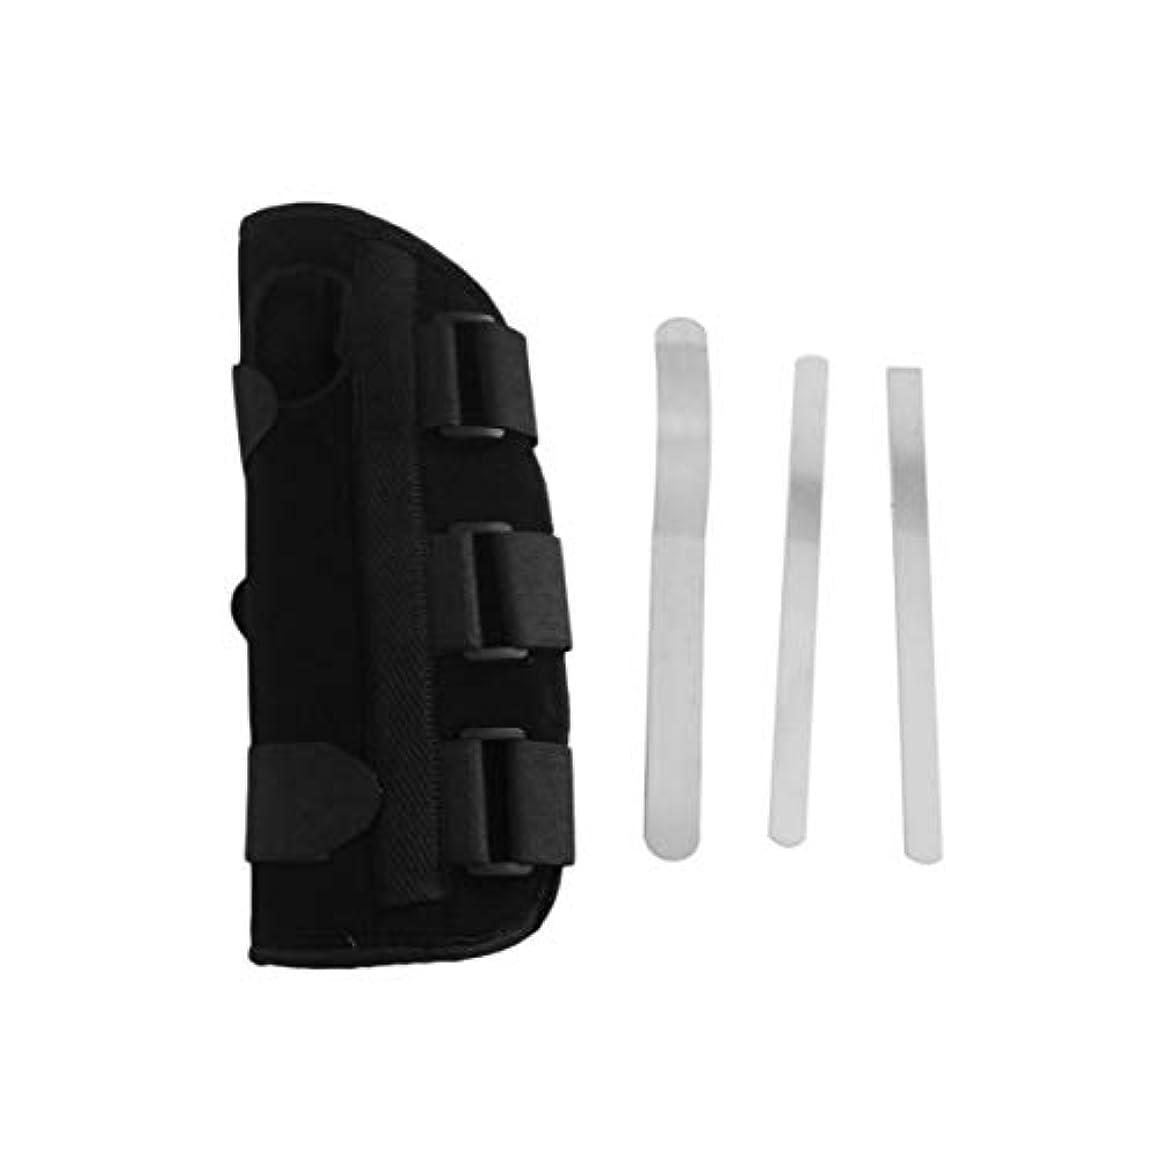 暴君ガード誓約手首副木ブレース保護サポートストラップカルペルトンネルCTS RSI痛み軽減取り外し可能な副木快適な軽量ストラップ - ブラックS